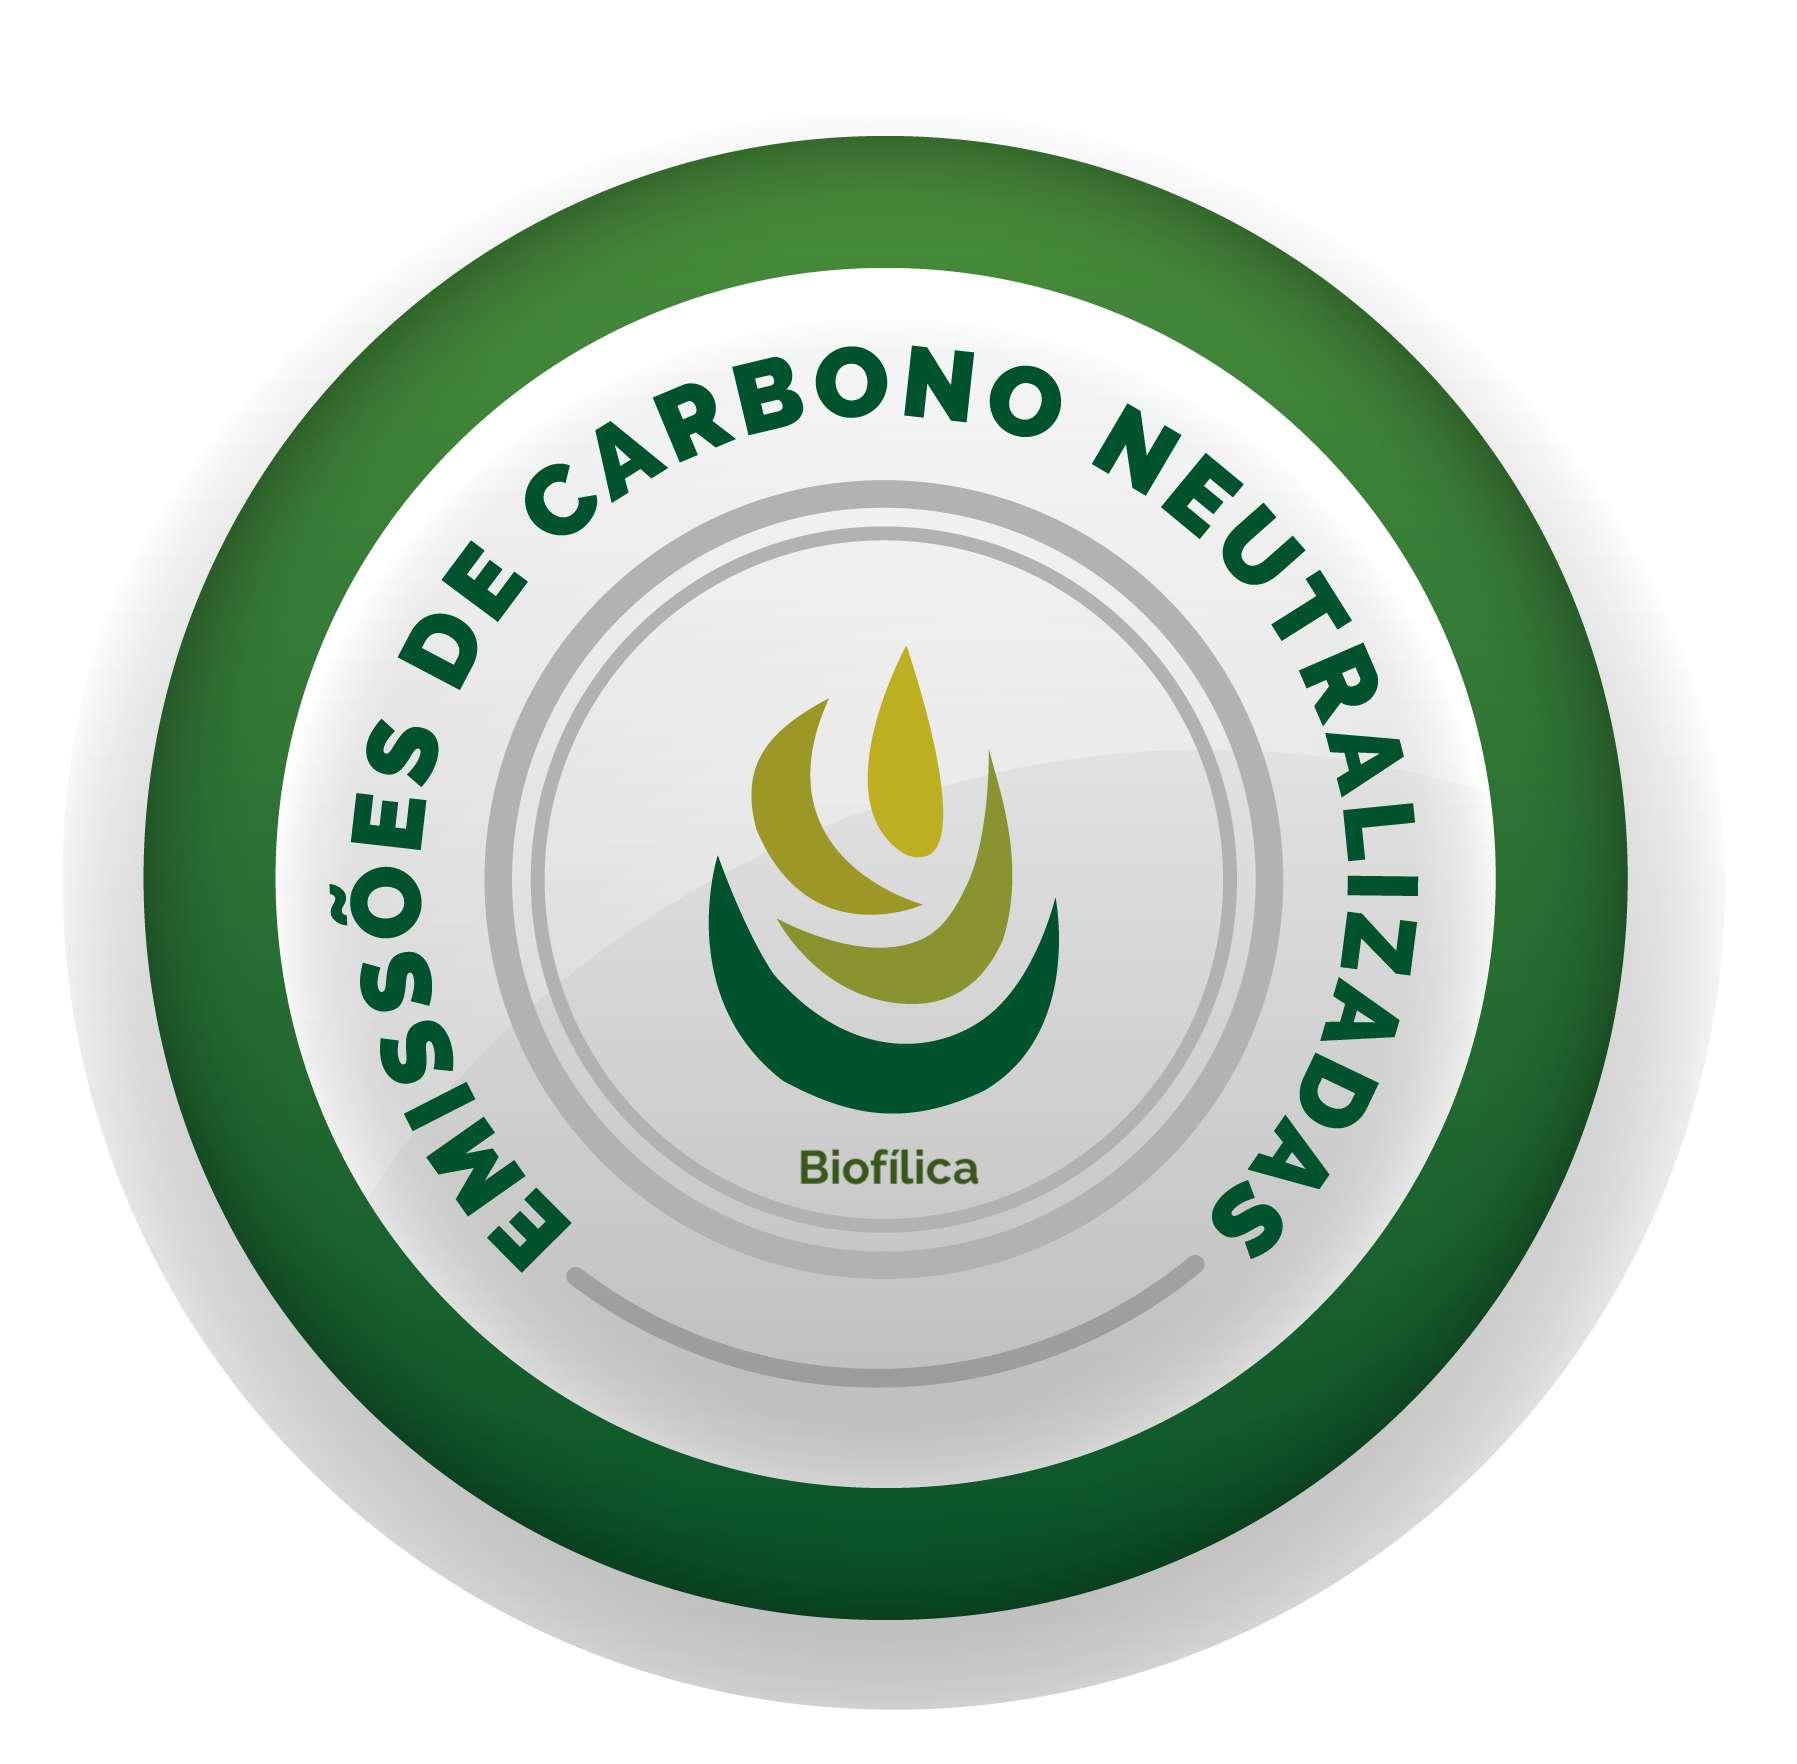 SANITIZE - Sanitizante Limpador 2 em 1  - 1lt (Go Eco Wash)  - Loja Go Eco Wash